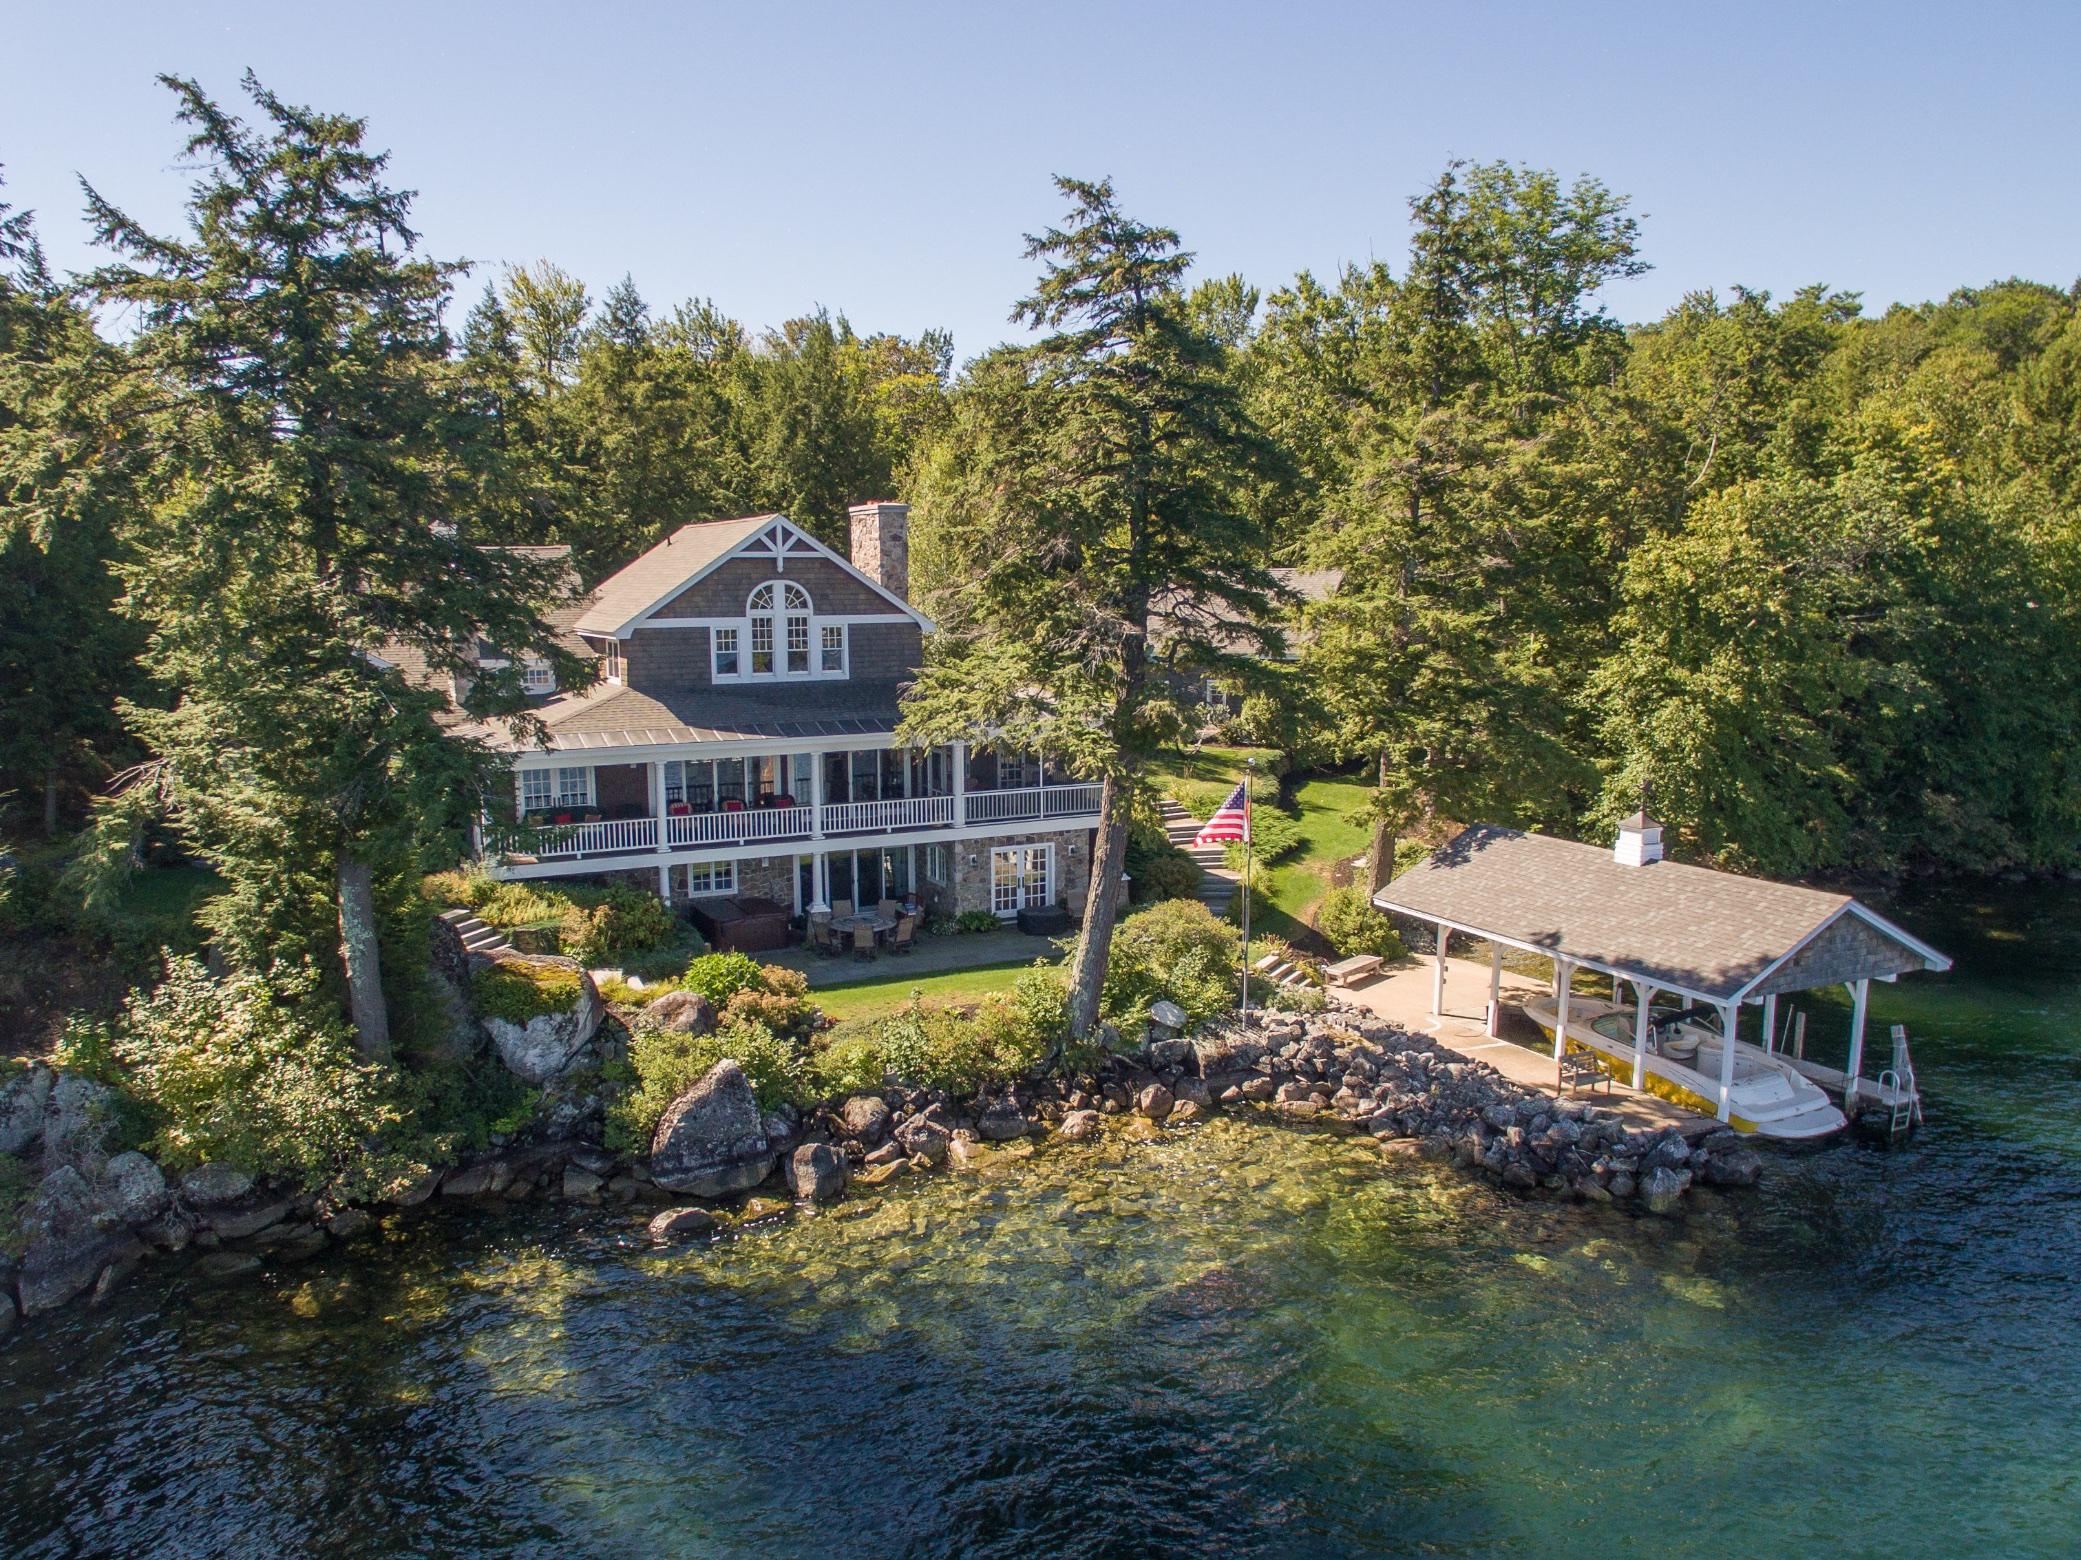 Maison unifamiliale pour l Vente à 280 Woodlands Road, Alton 280 Woodlands Rd Alton, New Hampshire, 03810 États-Unis